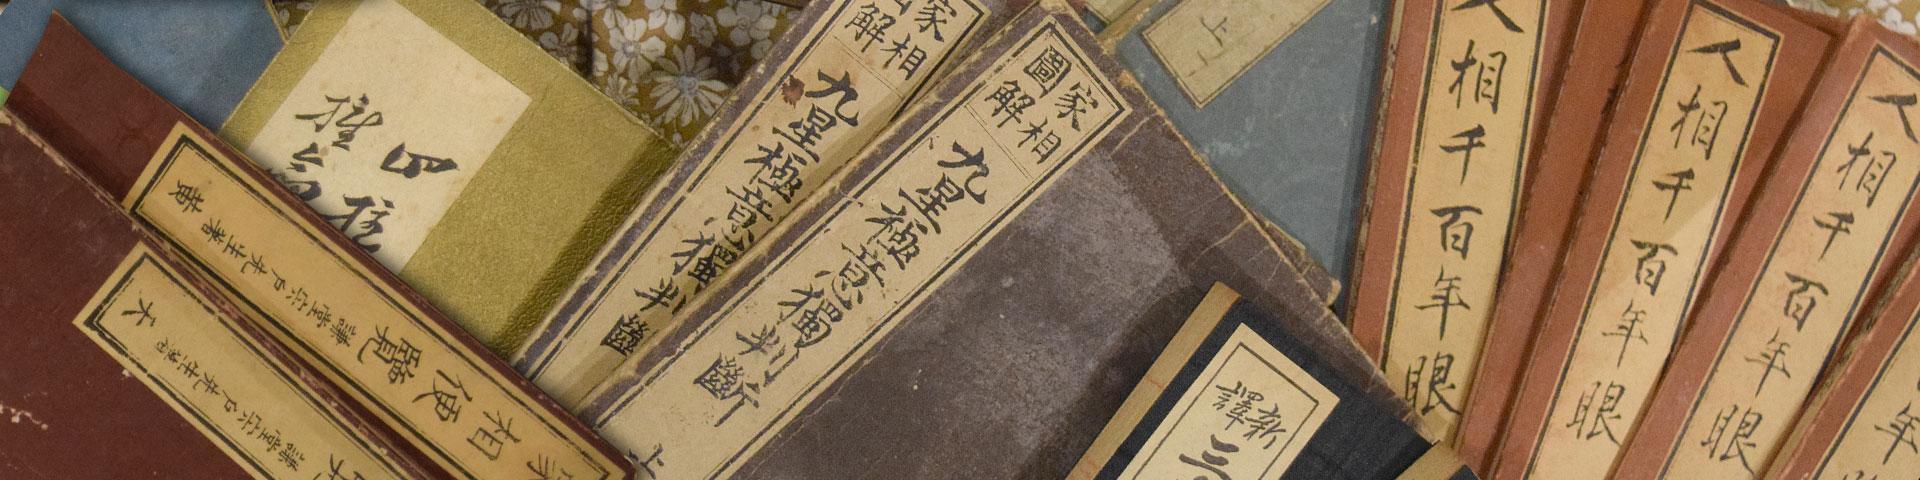 神道・修験道・神社史・伝統行事・占術・易学・方位学・和本他